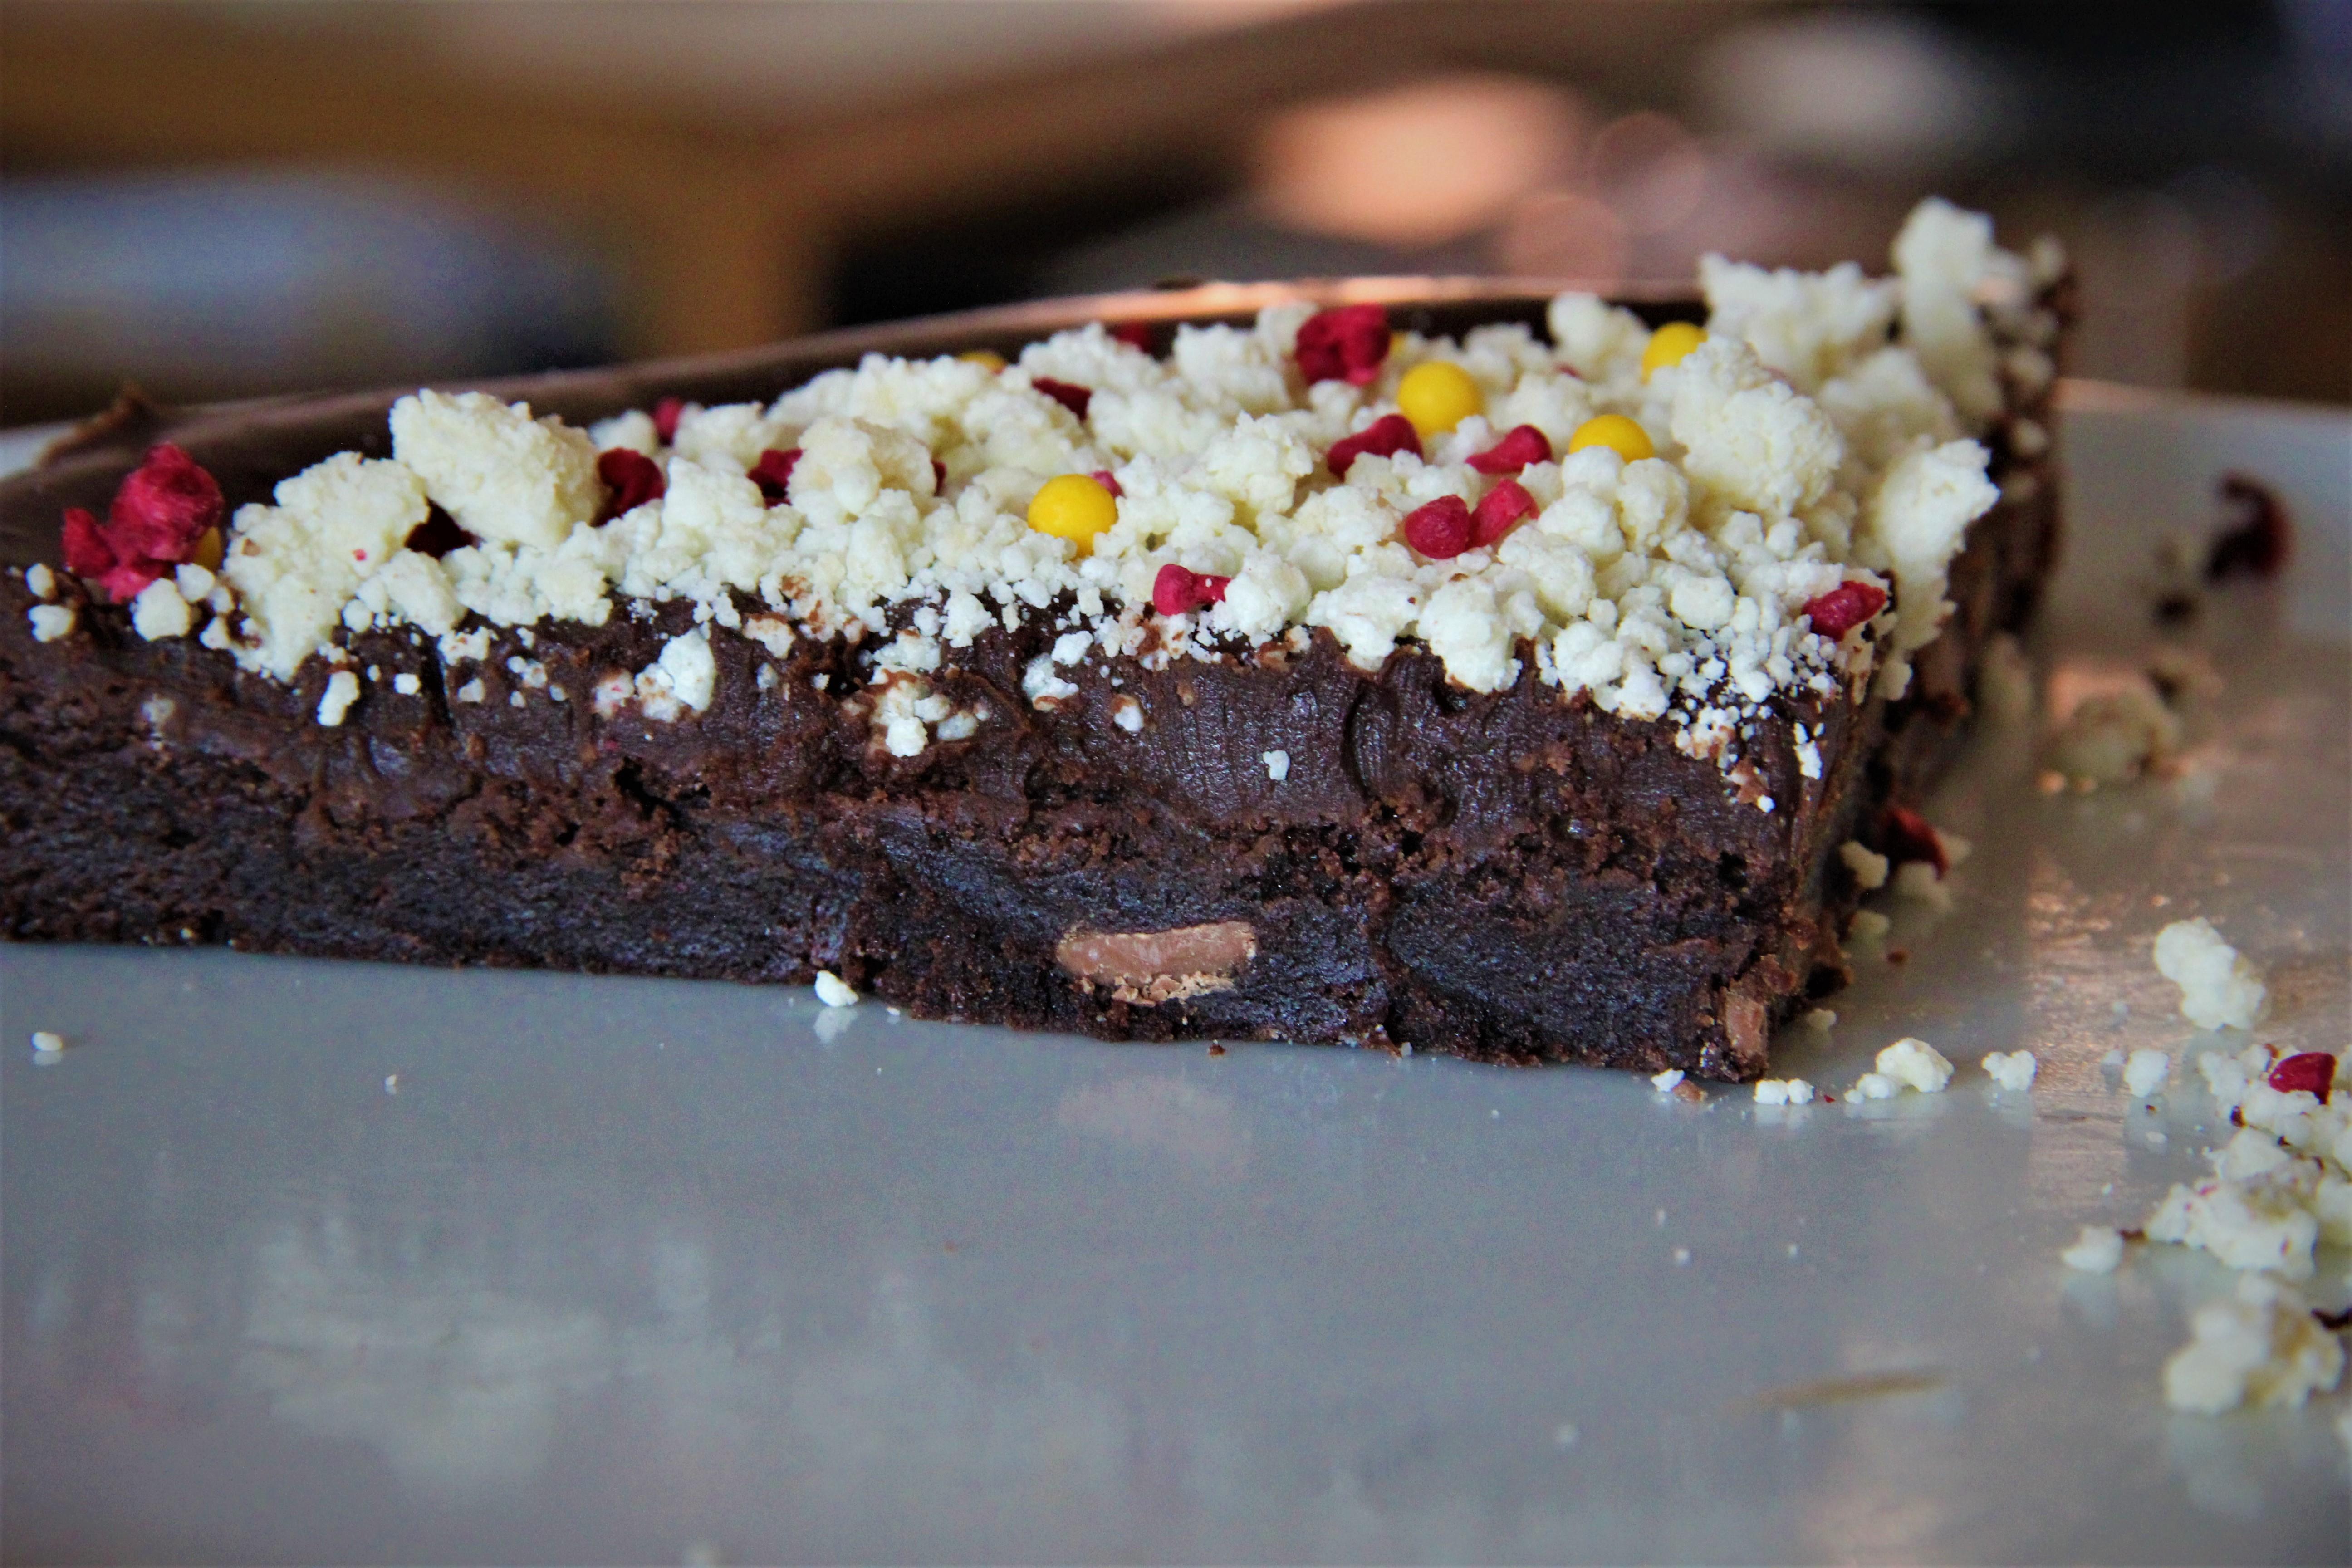 chokoladetrøffelkage med krystalliseret hvid chokolade, frysetørret hindbær og sukkerkugler